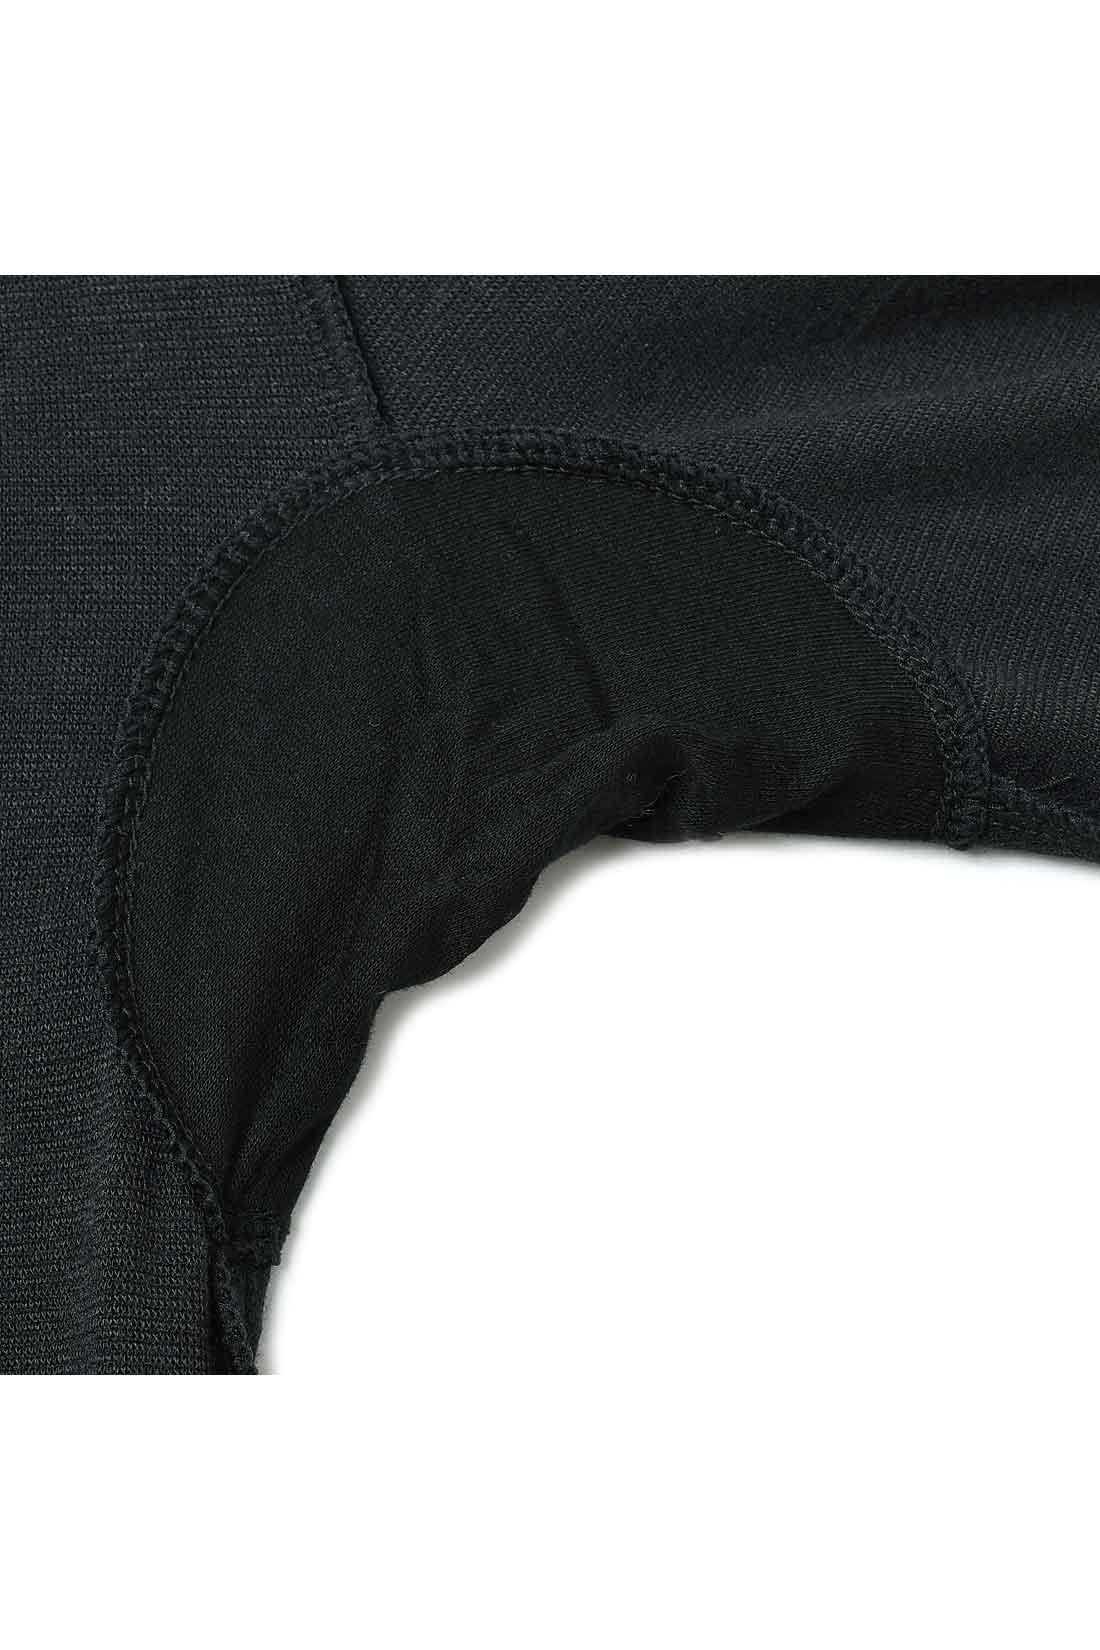 頼れるわきバッド 制菌加工のわきパッド付きで、暖房のきいた室内でも快適さキープ !